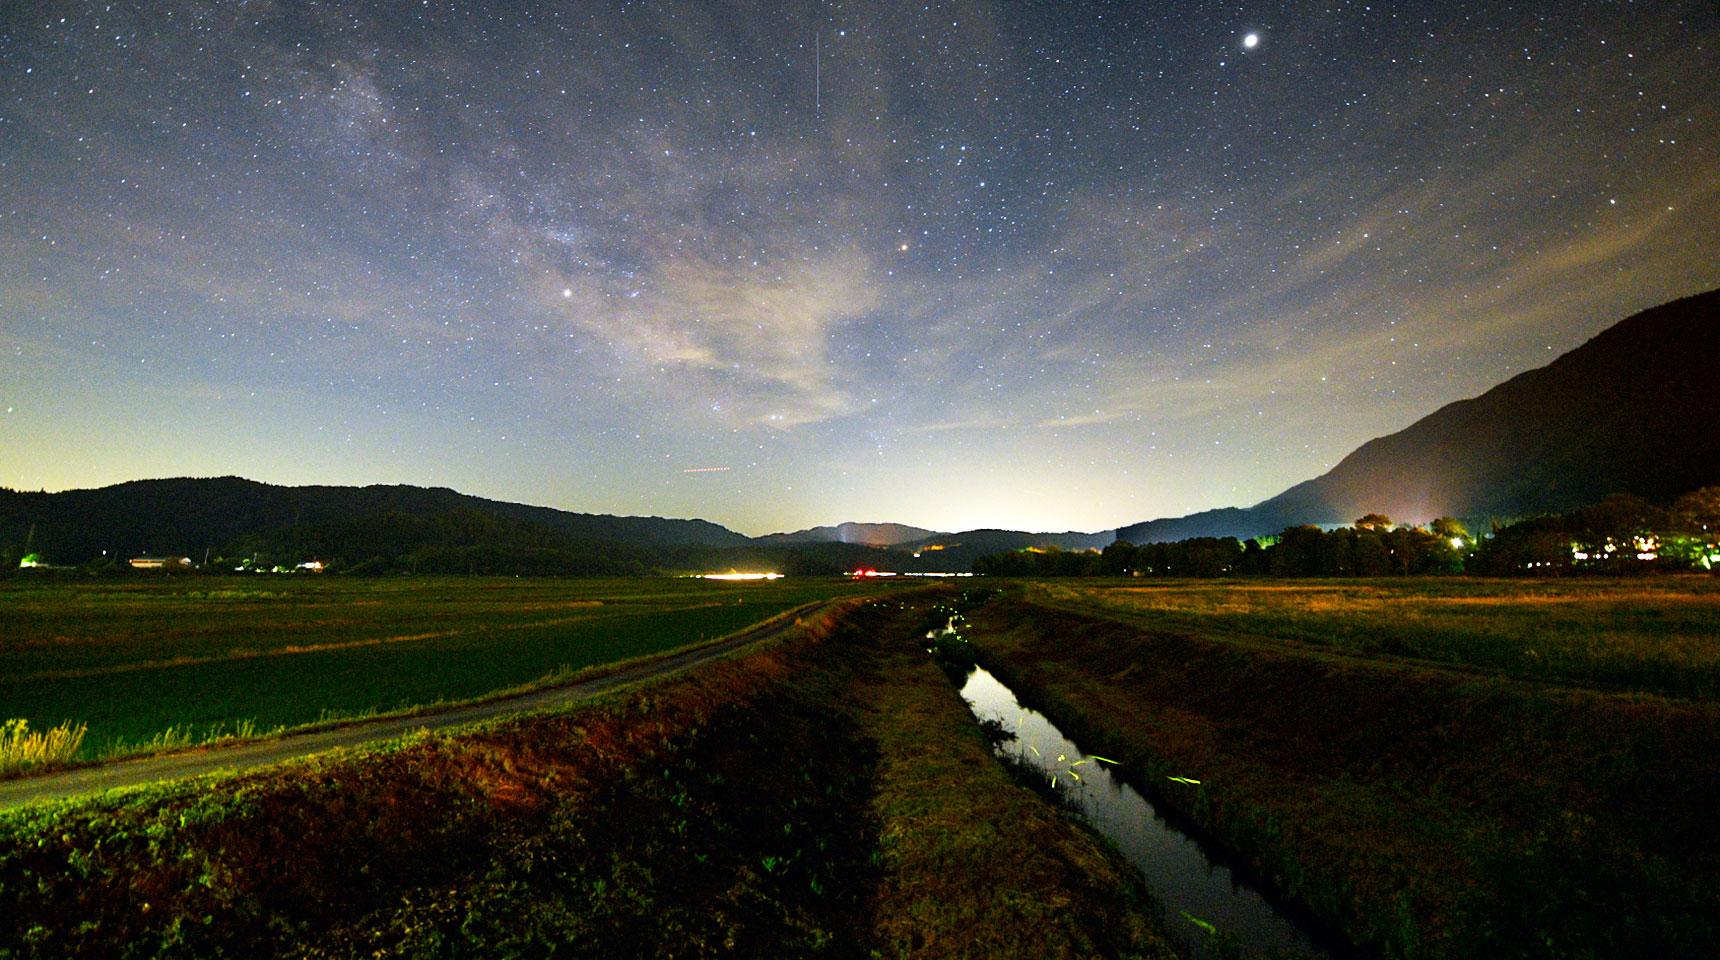 スライド167 白馬村姫川の蛍と銀河